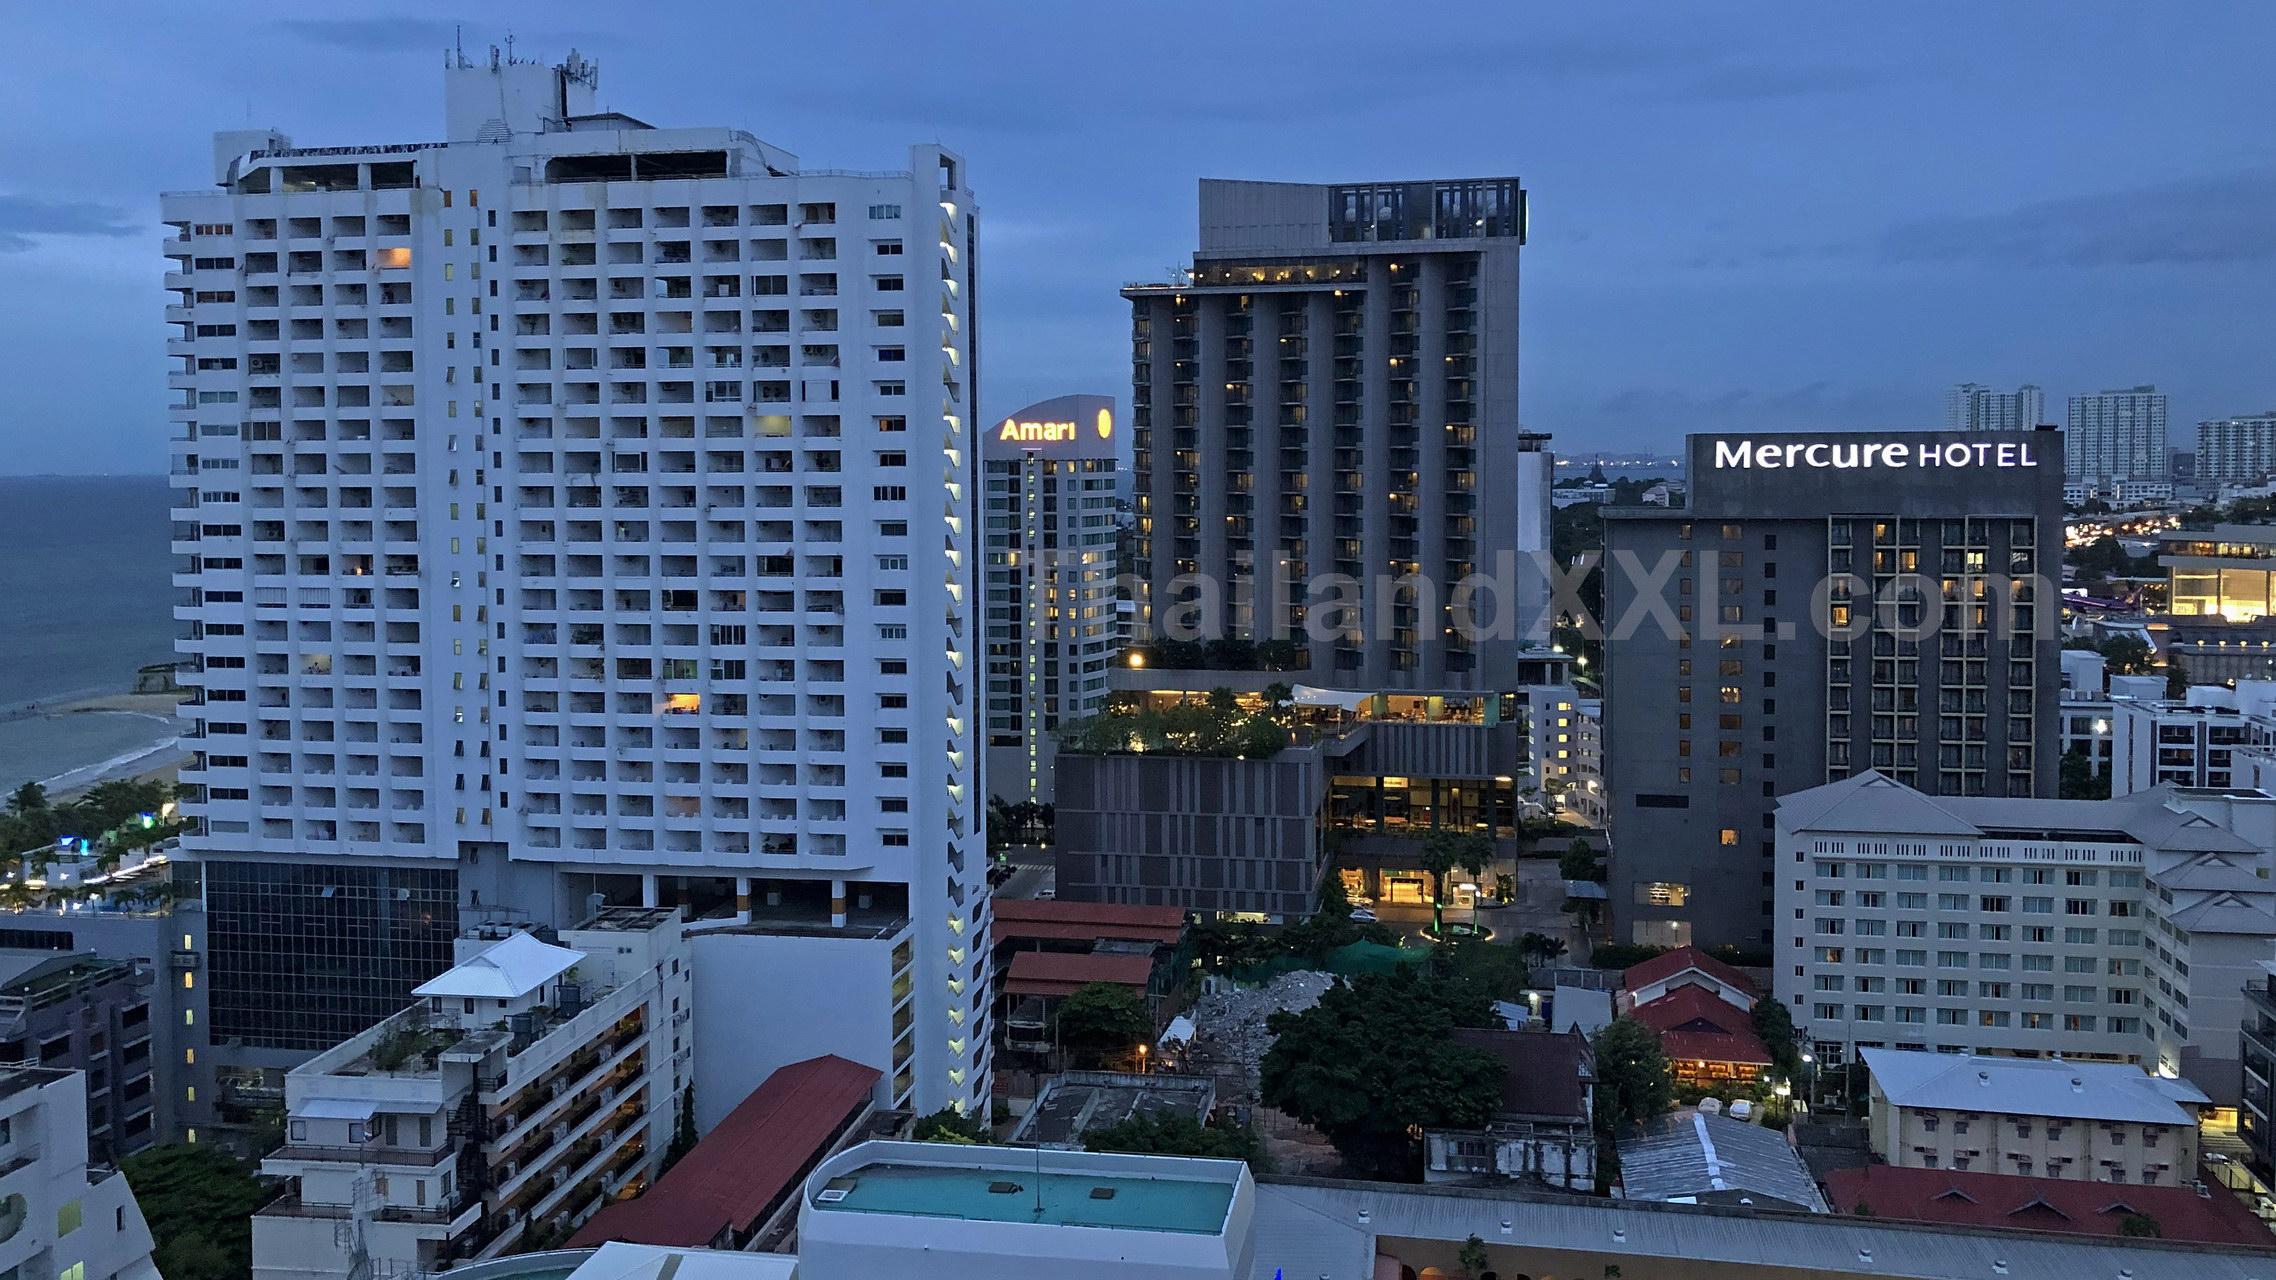 Vom Pippa Restaurant - MYTT Hotel - nach Norden fotografiert